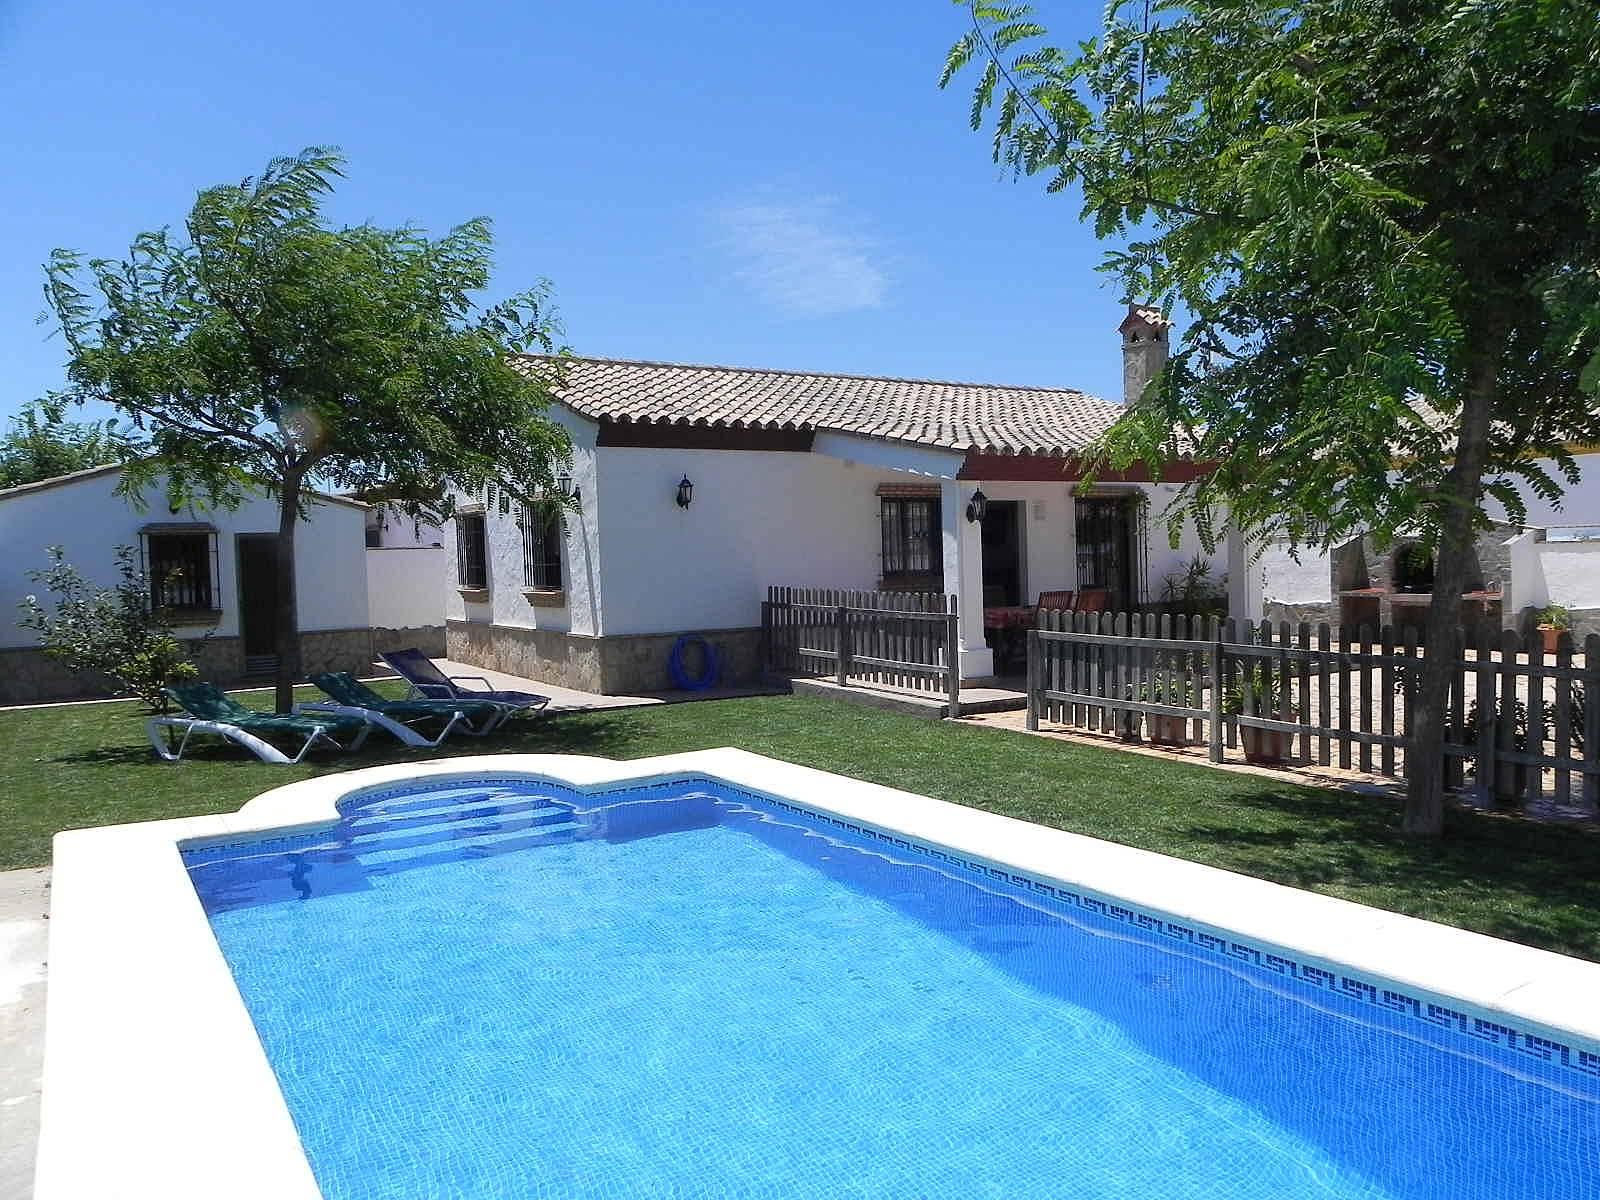 Casa juanito con piscina privada wifi aire acond roche for Casas con piscina privada para vacaciones